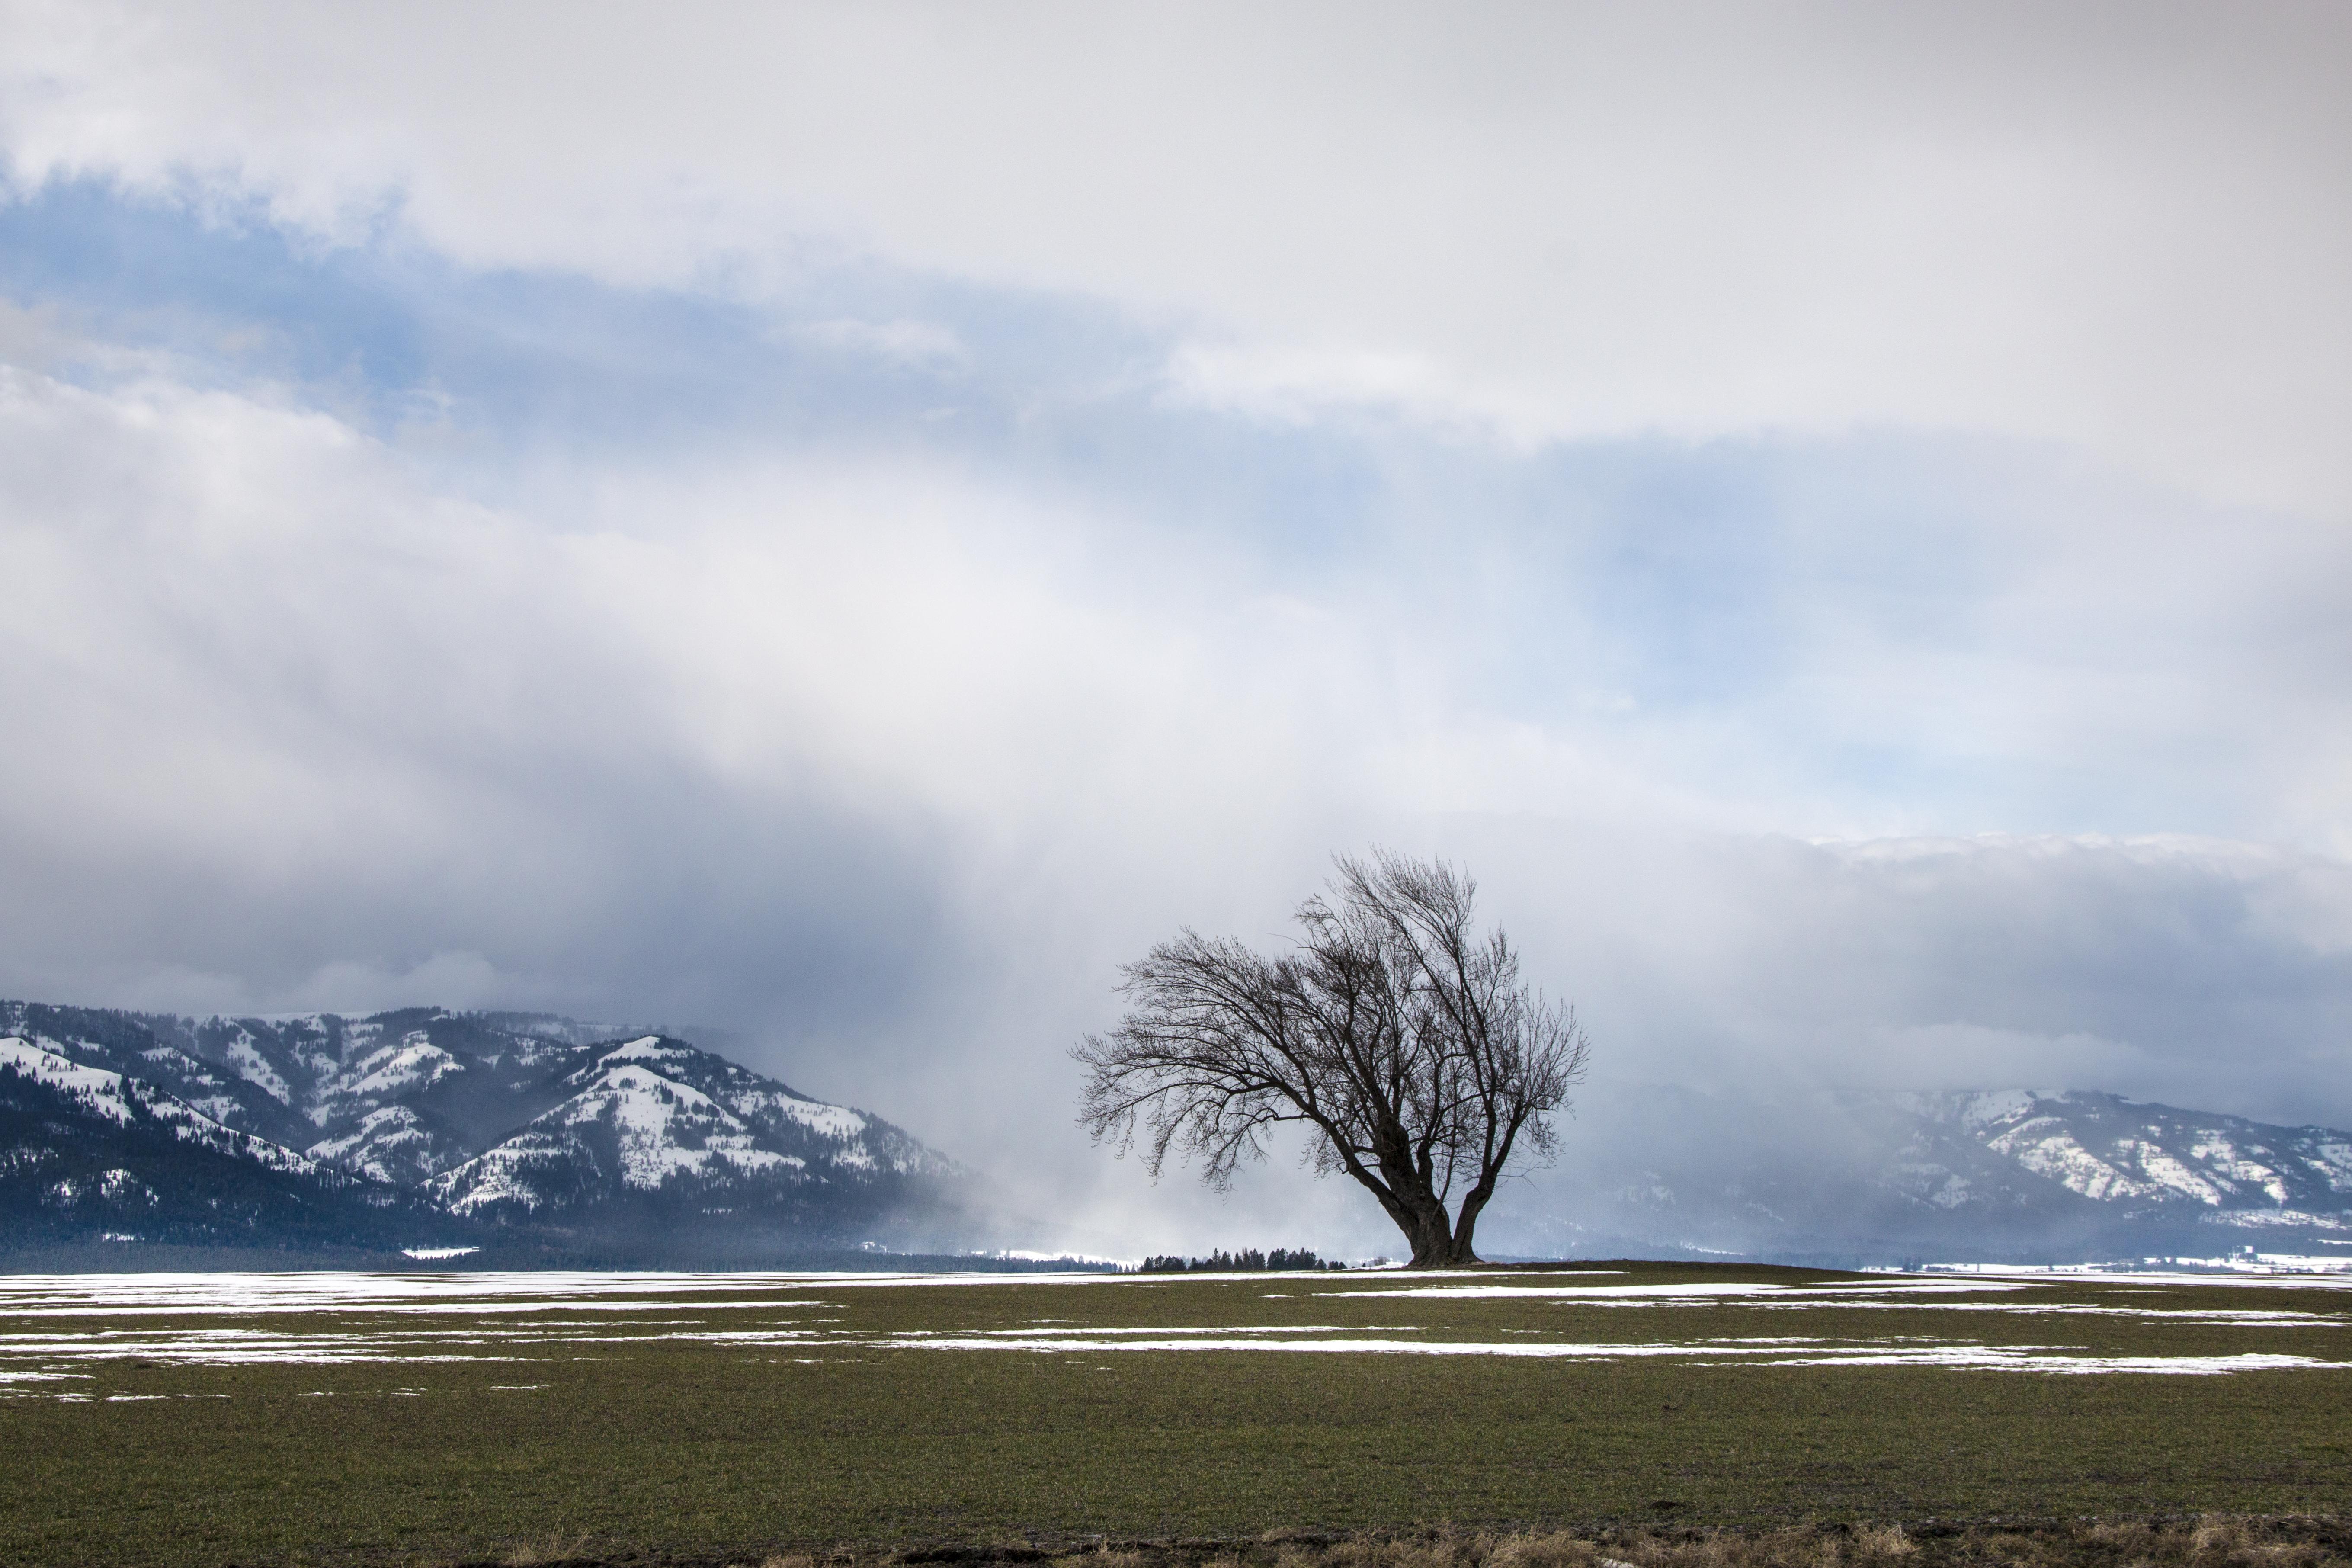 Wallowa mountains, snowing photo